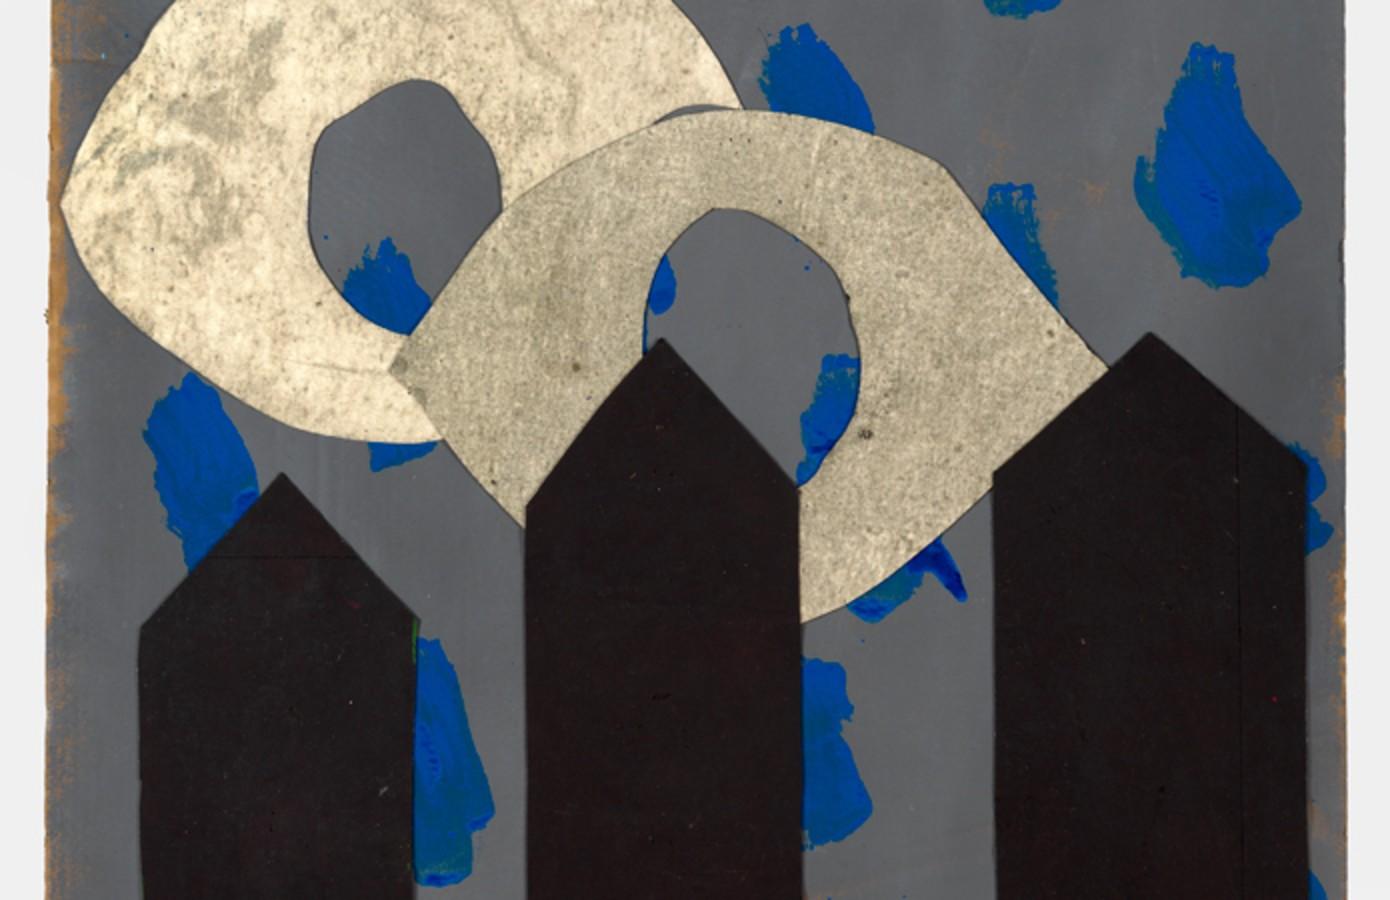 Joost van den Toorn: Beelden // Morgan Betz: Collages, Morgan Betz, Joost van den Toorn,